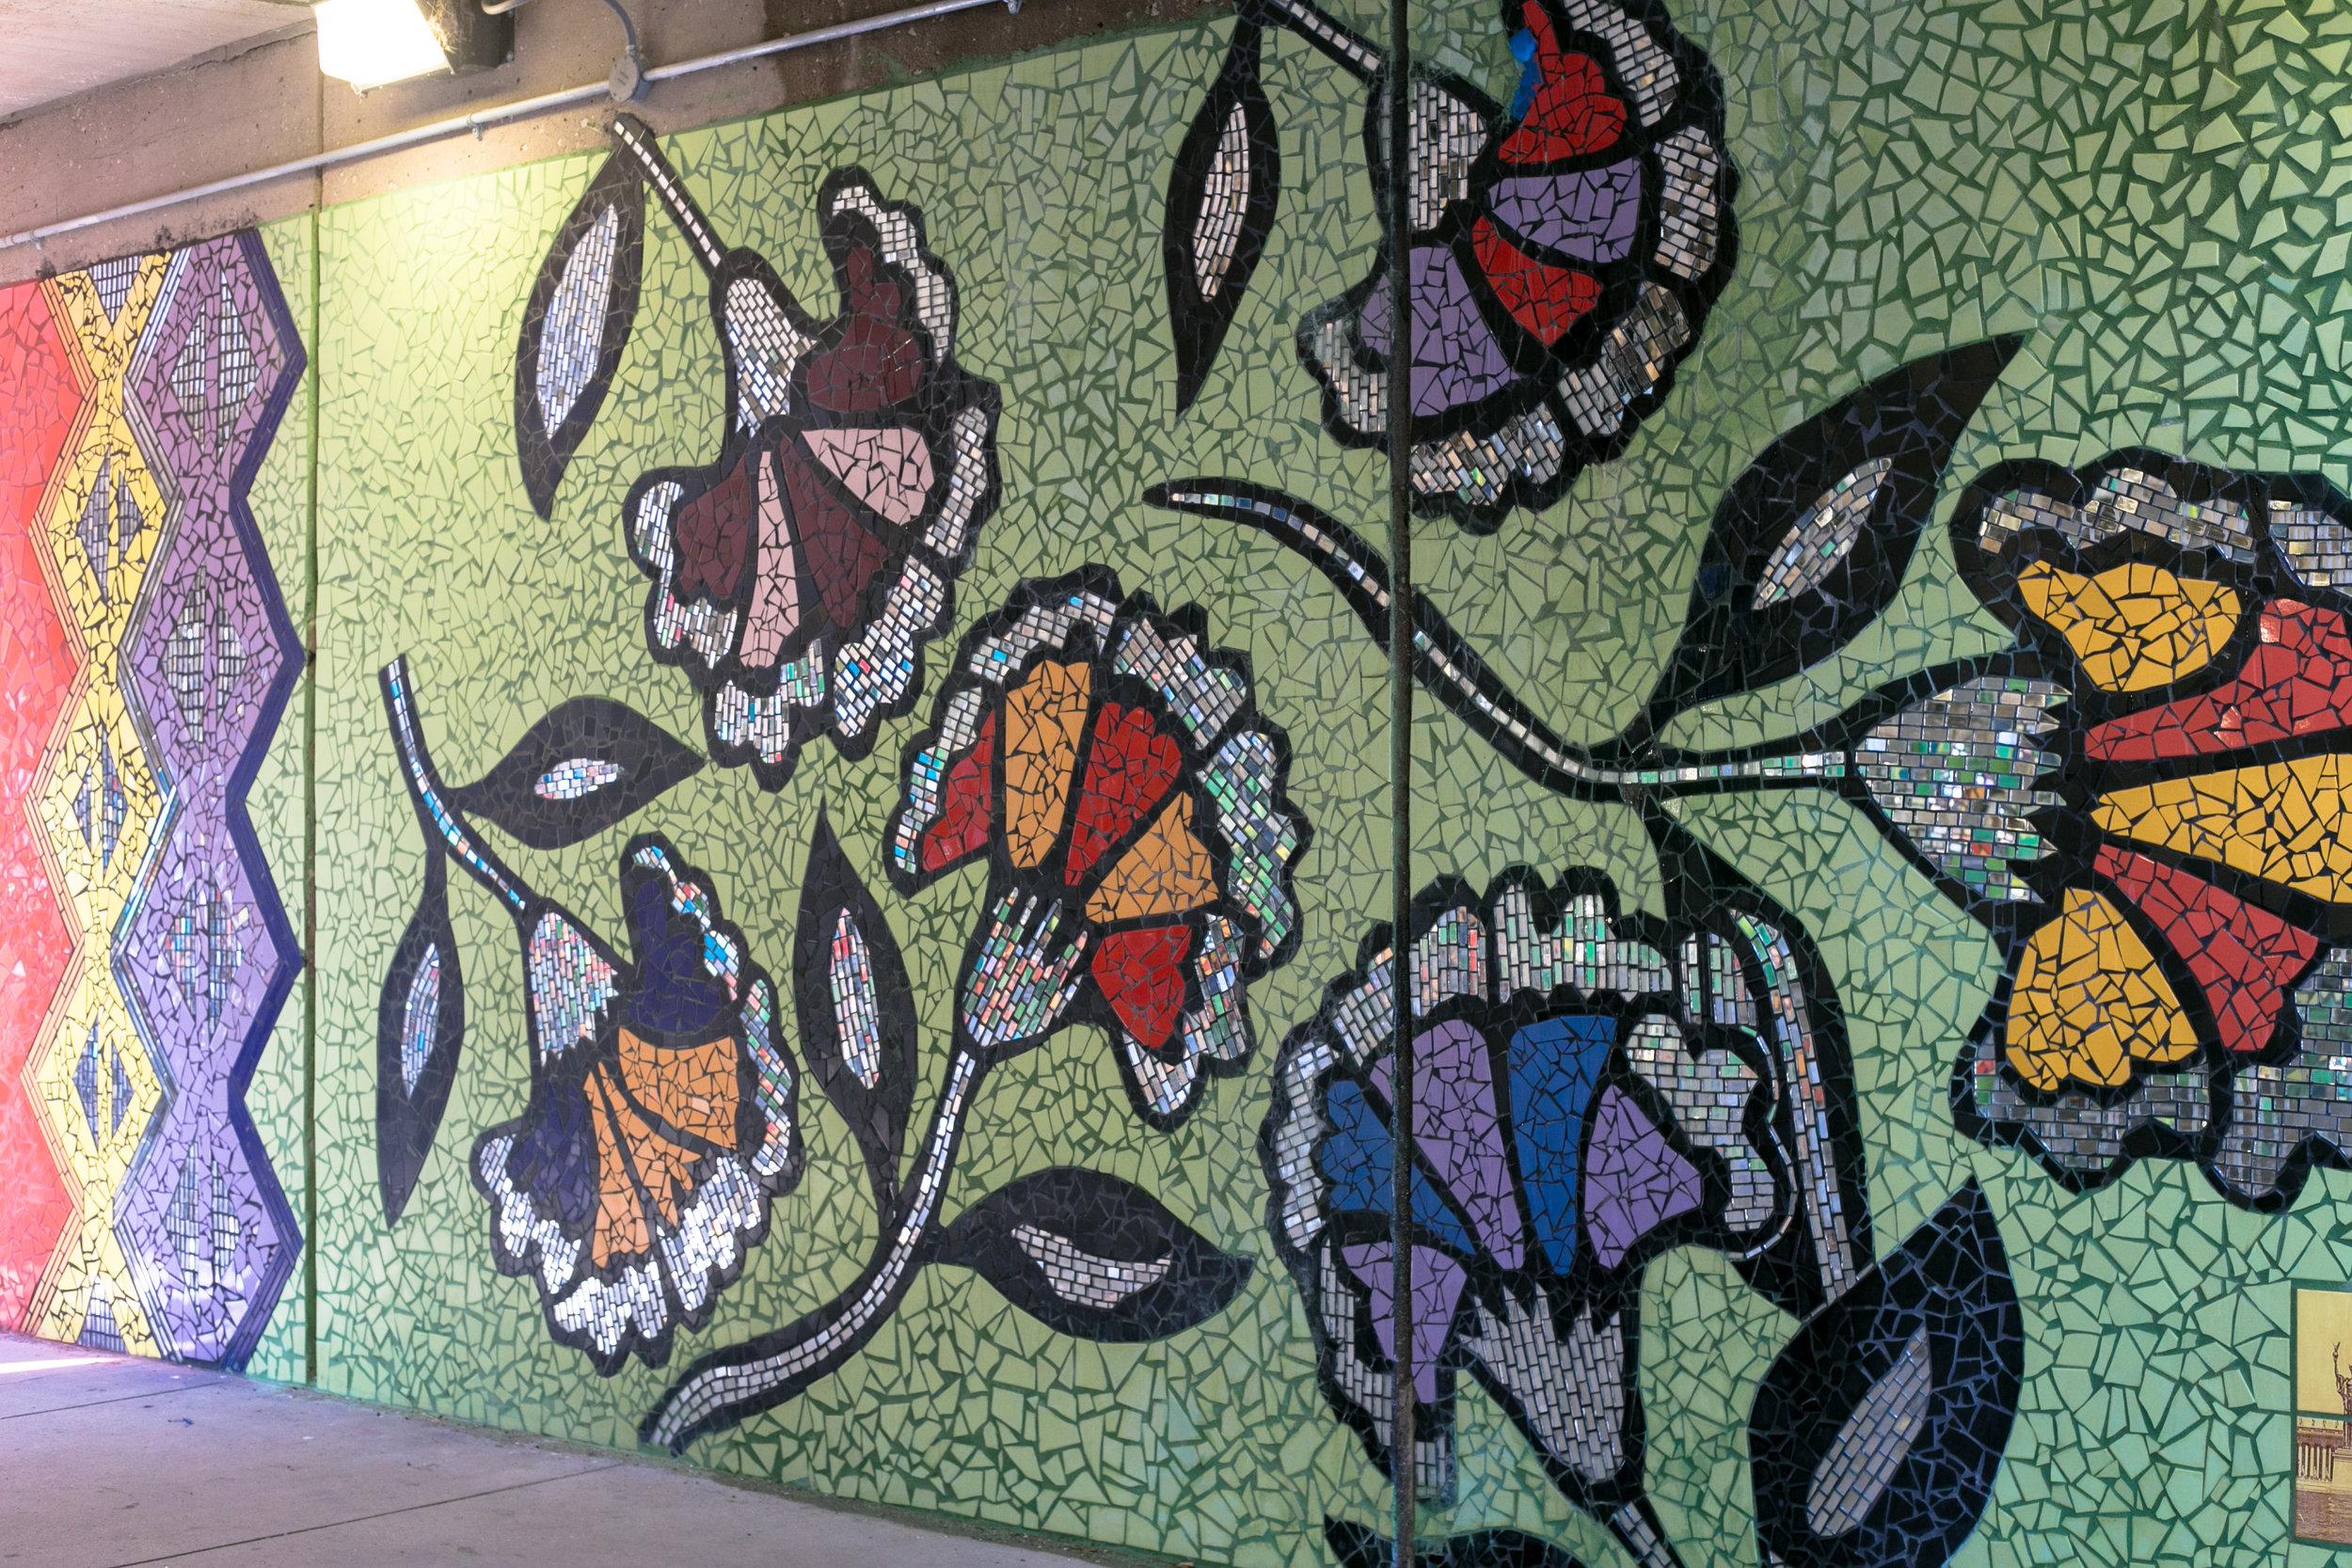 mural-0057.jpg